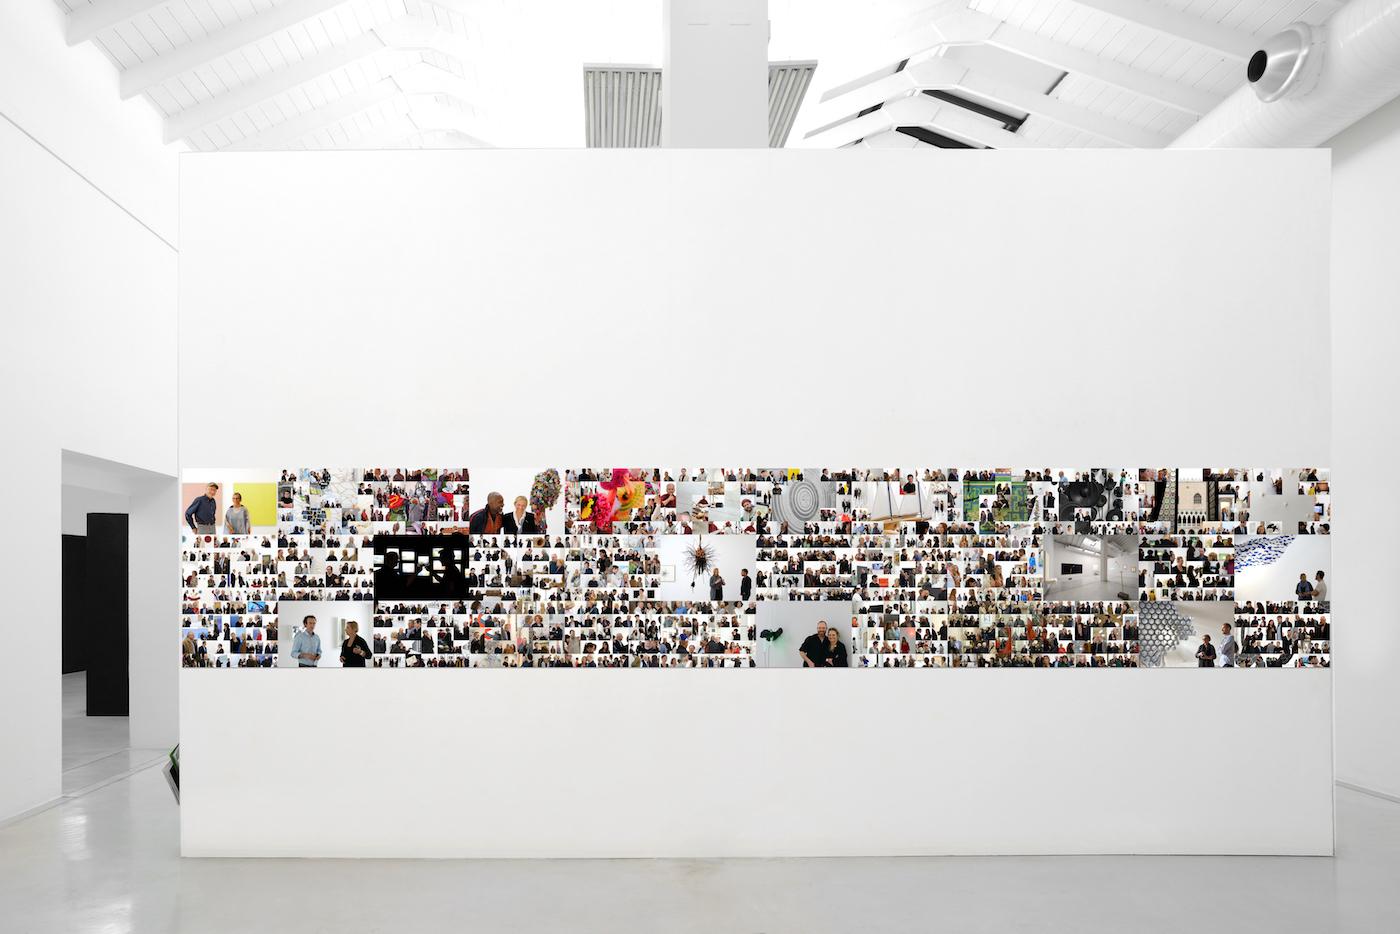 Dieci anni in Galtarossa Misura del tempo – Michele Alberto Sereni 2017 installation view. Foto: Michele Alberto Sereni